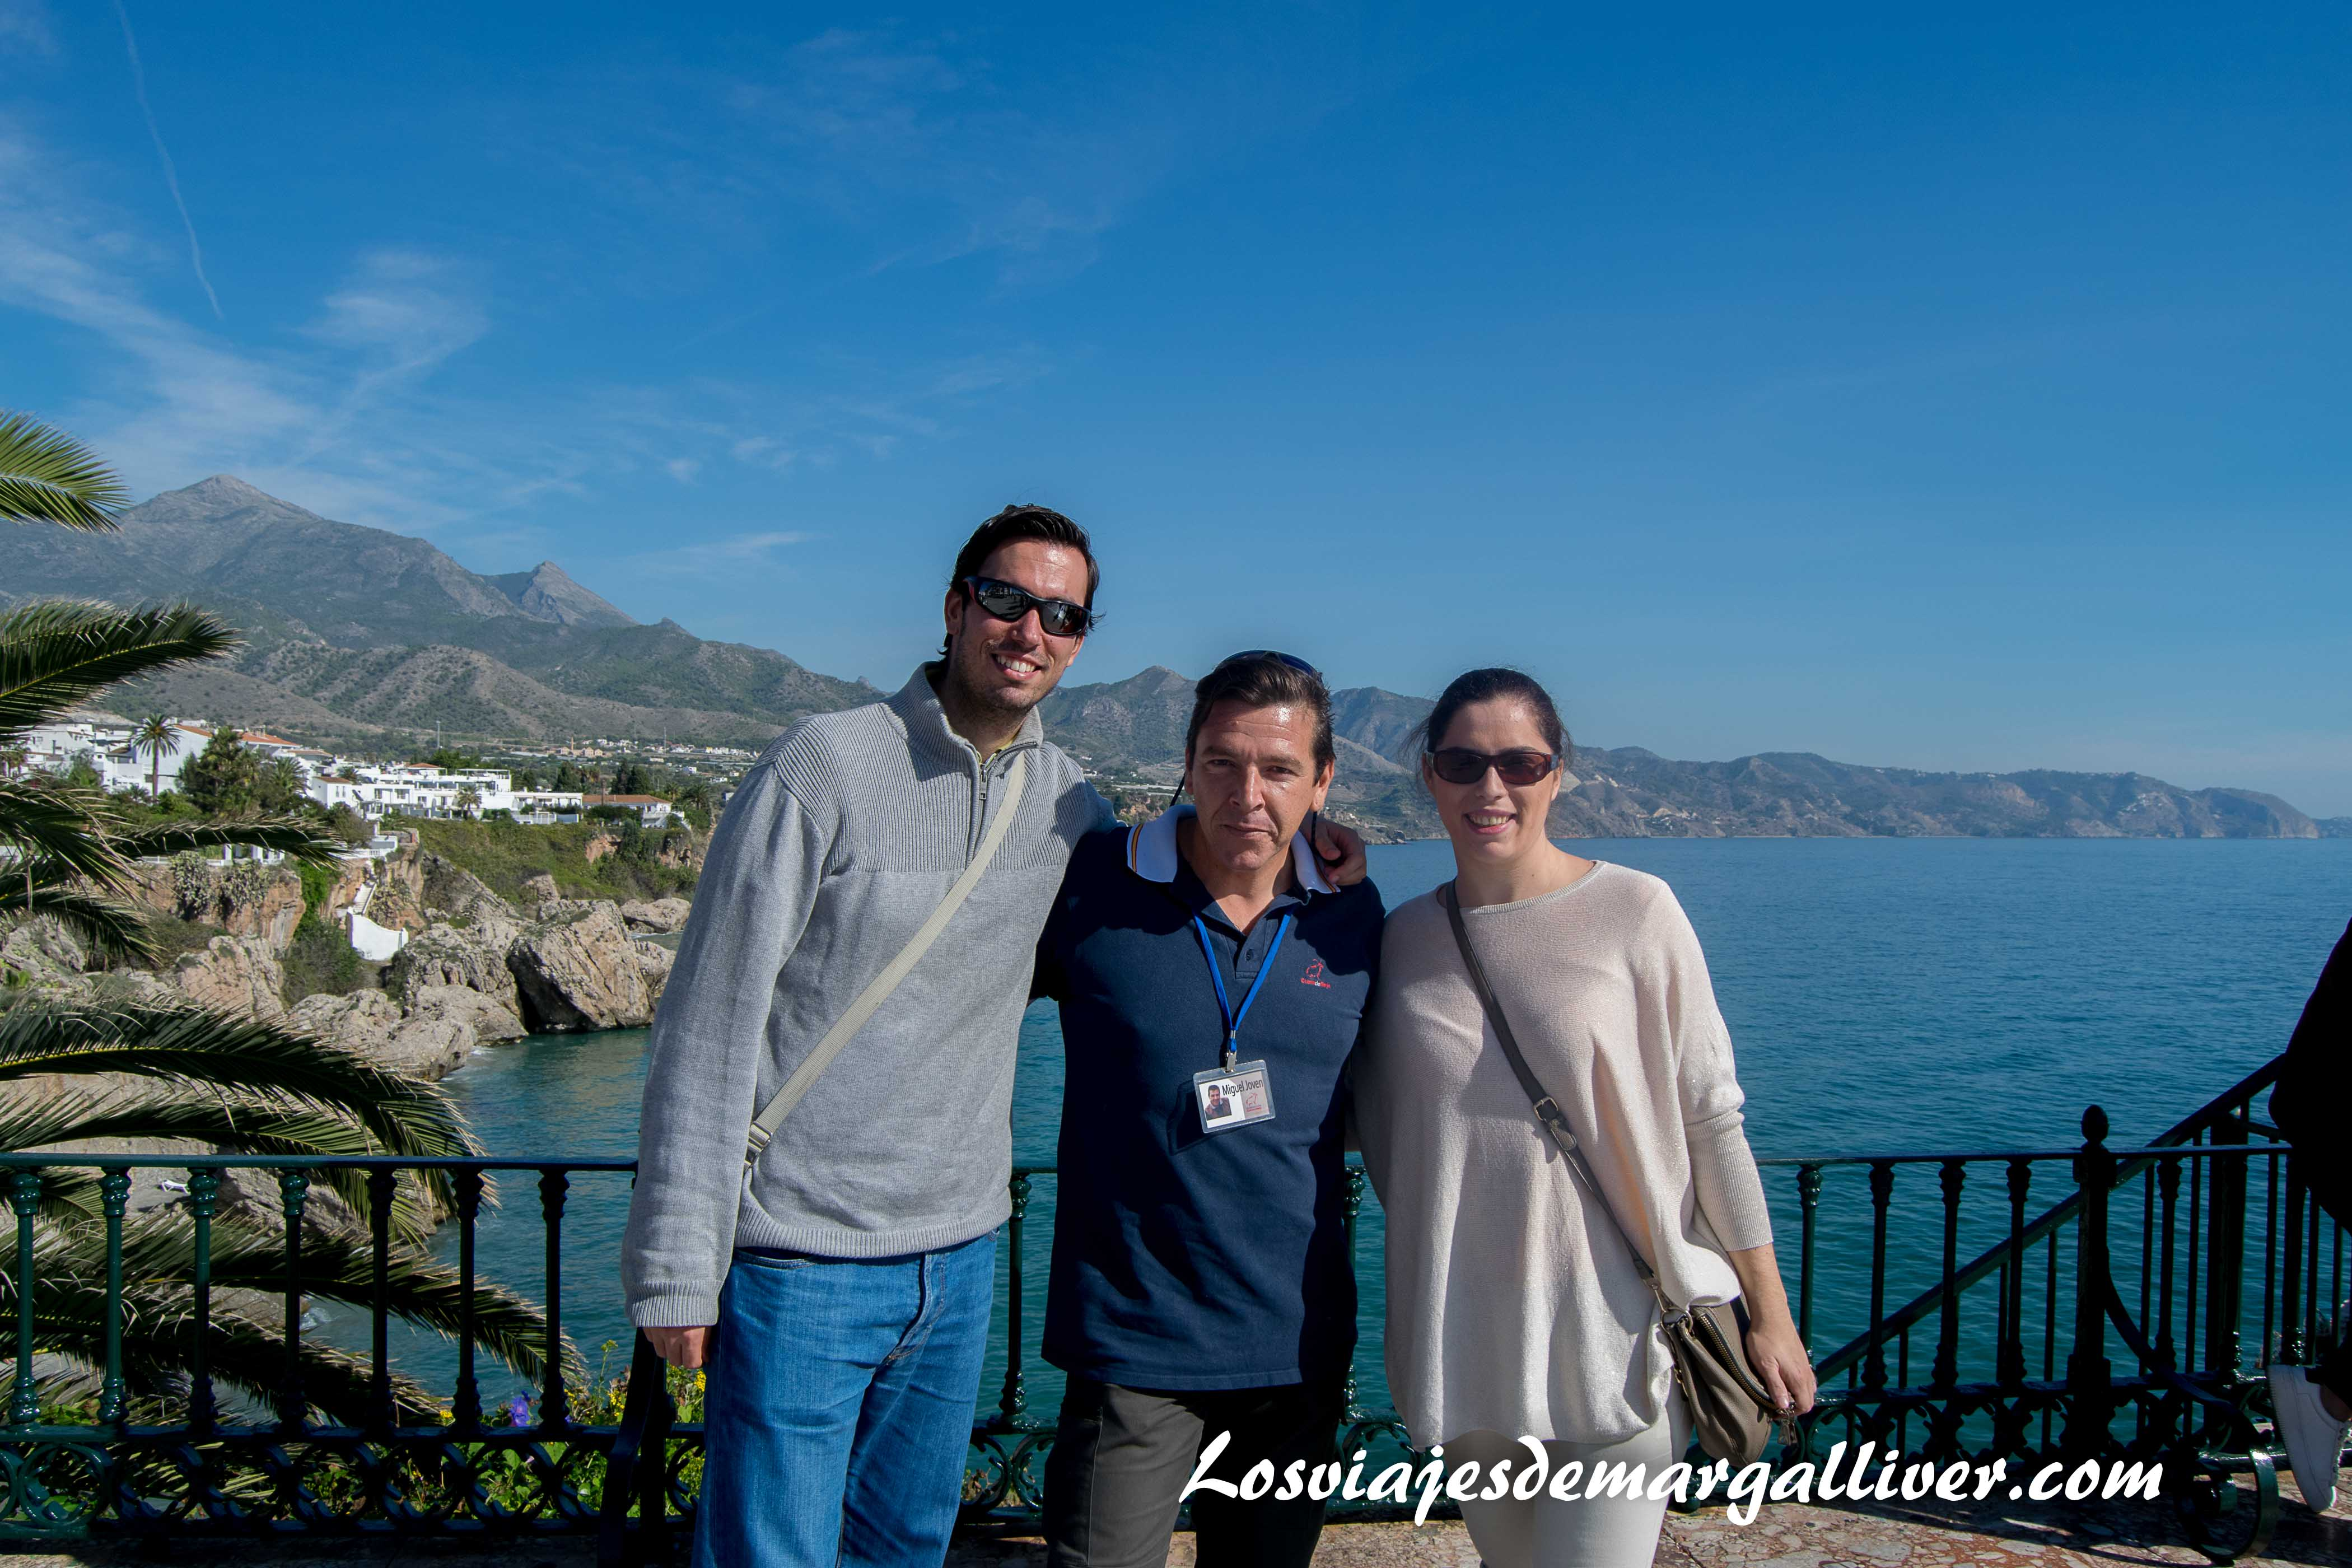 En el balcón de Europa con Miguel Joven (Tito de verano azul) - Los viajes de Margalliver